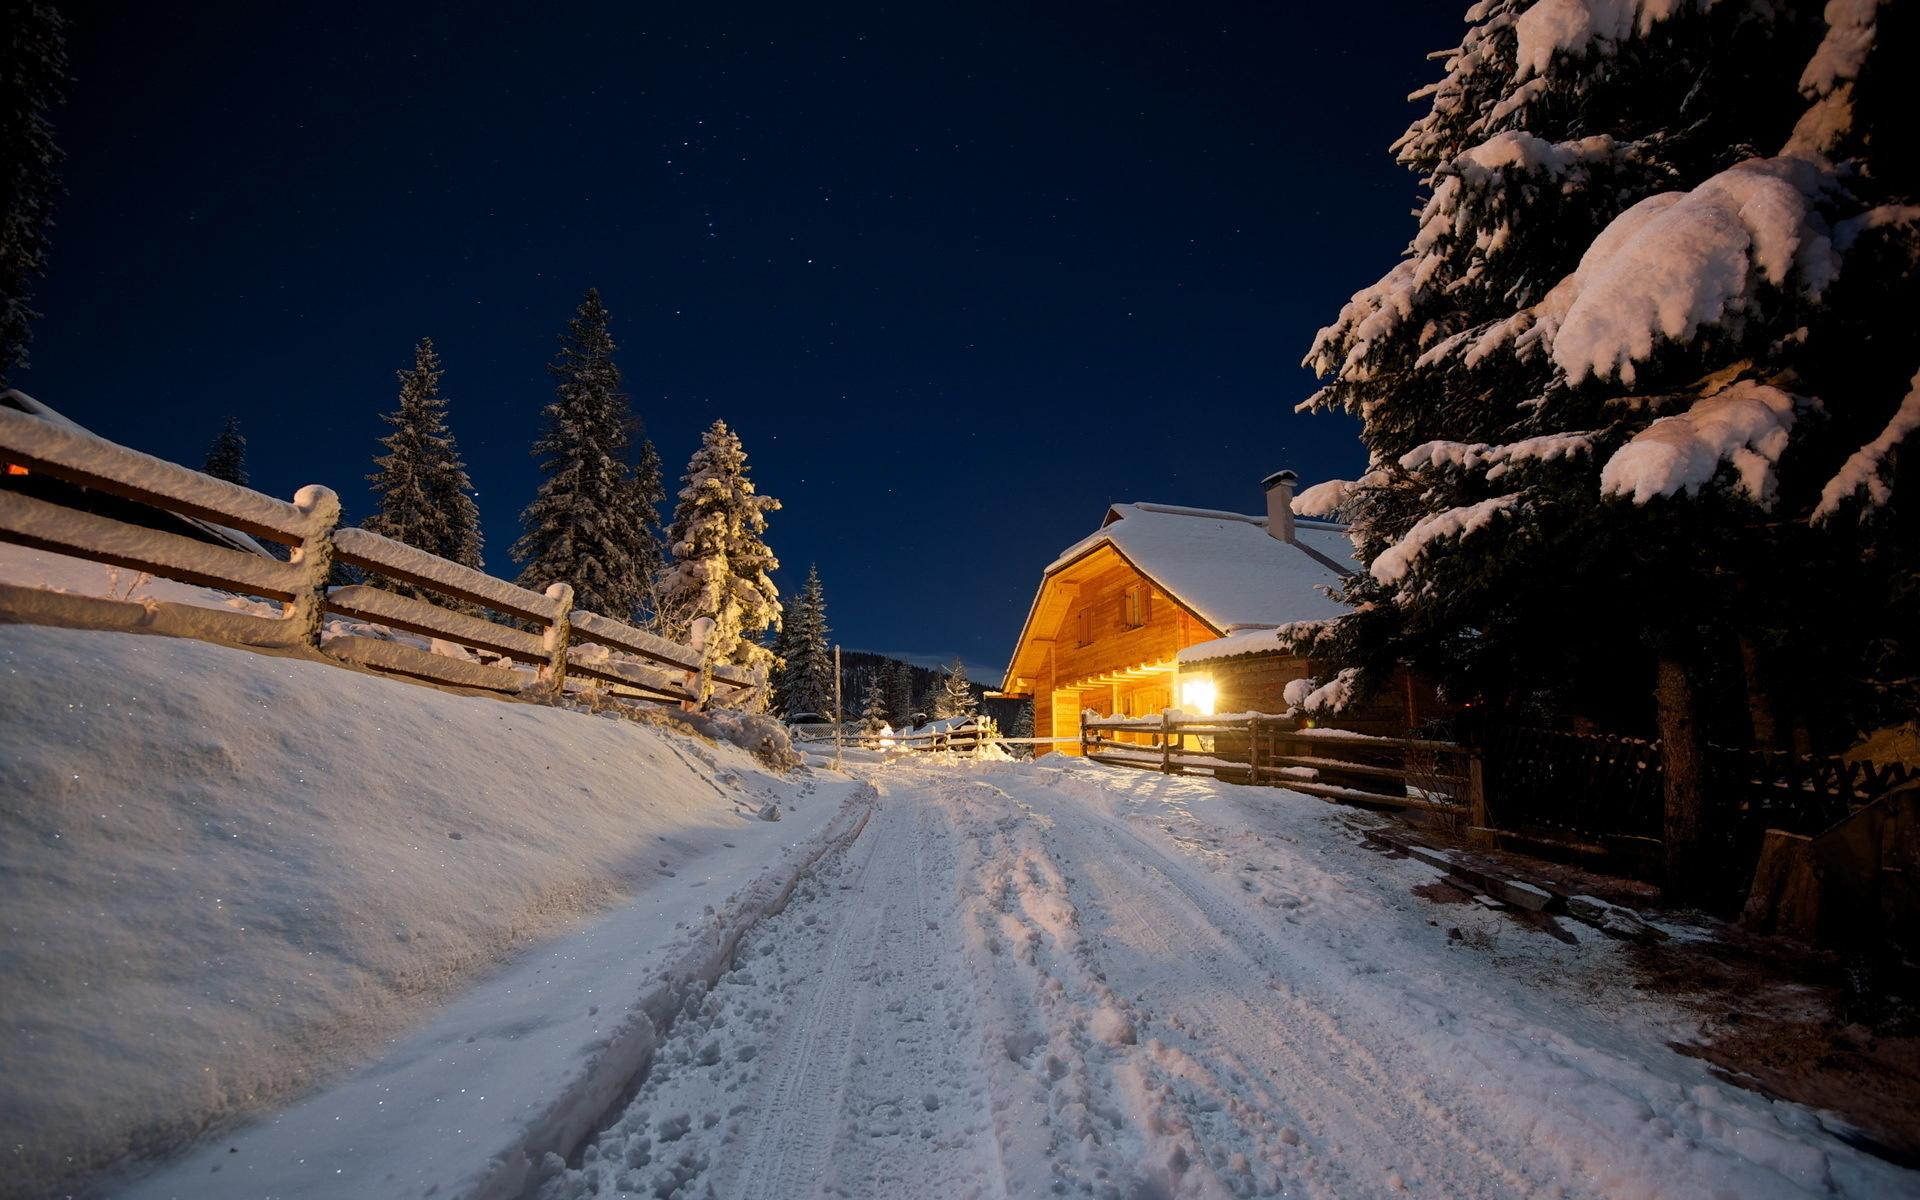 21438 скачать обои Пейзаж, Зима, Дома, Деревья, Ночь, Снег - заставки и картинки бесплатно